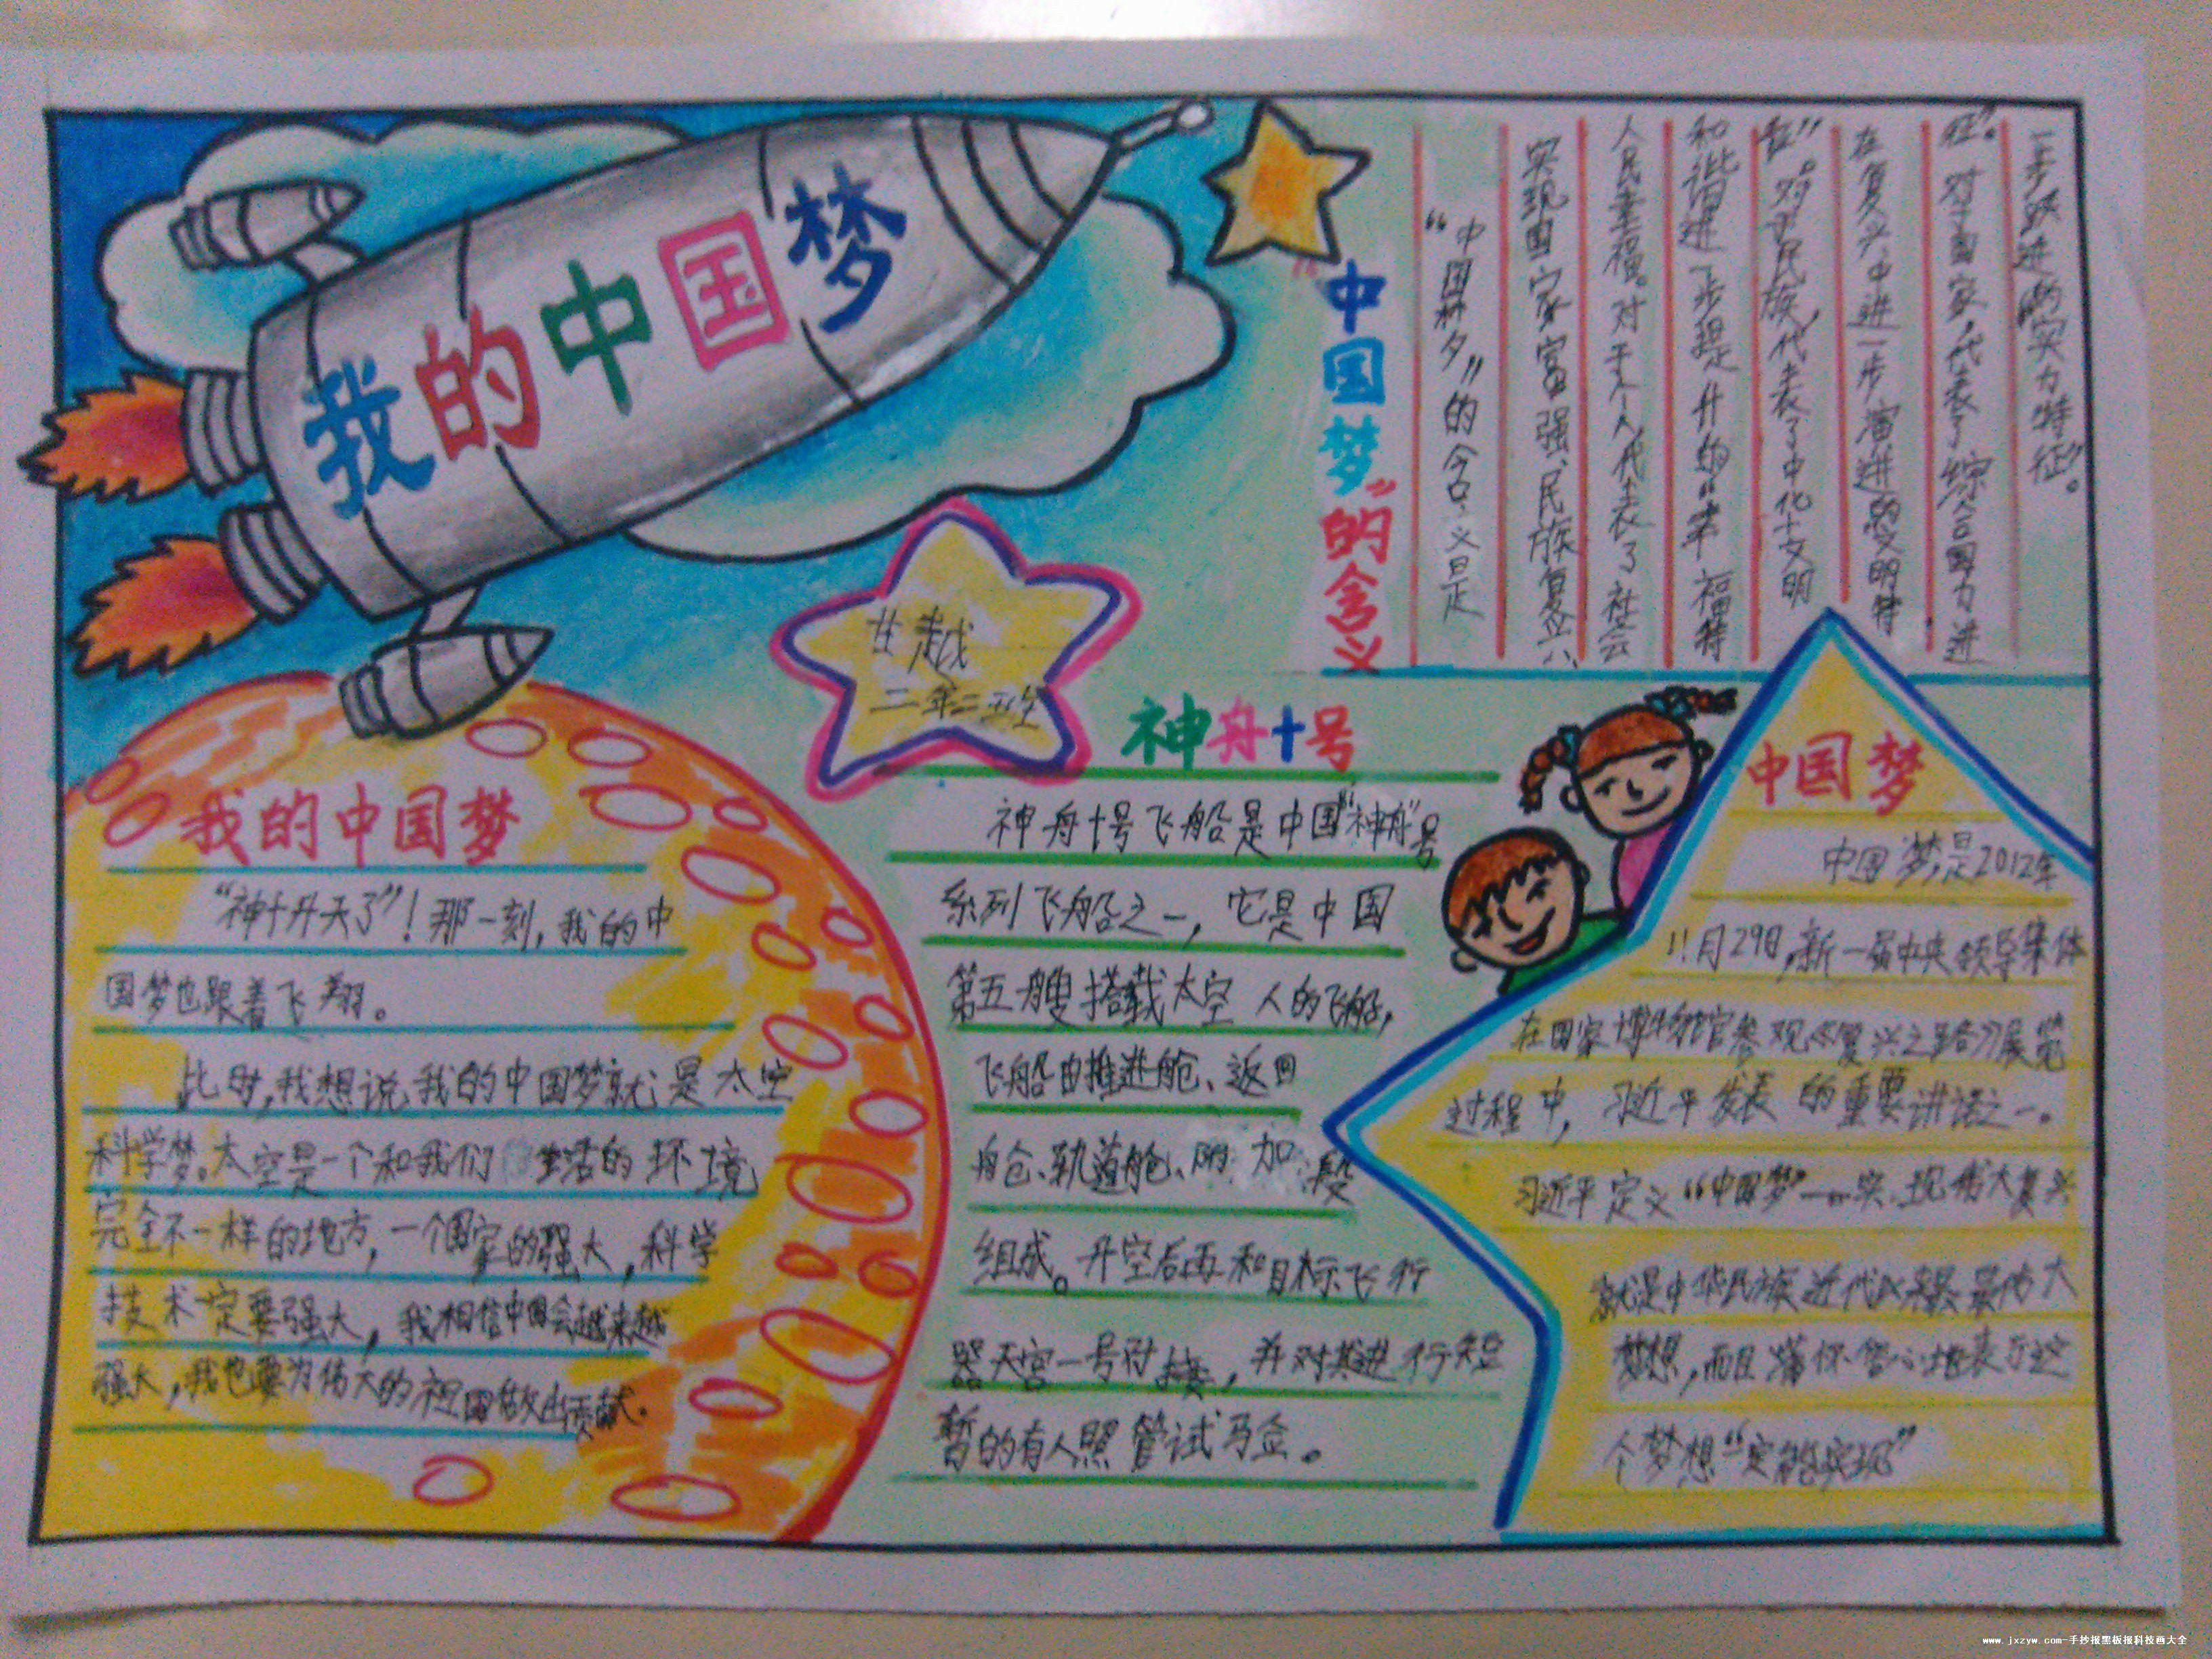 张中国梦我的梦手抄报